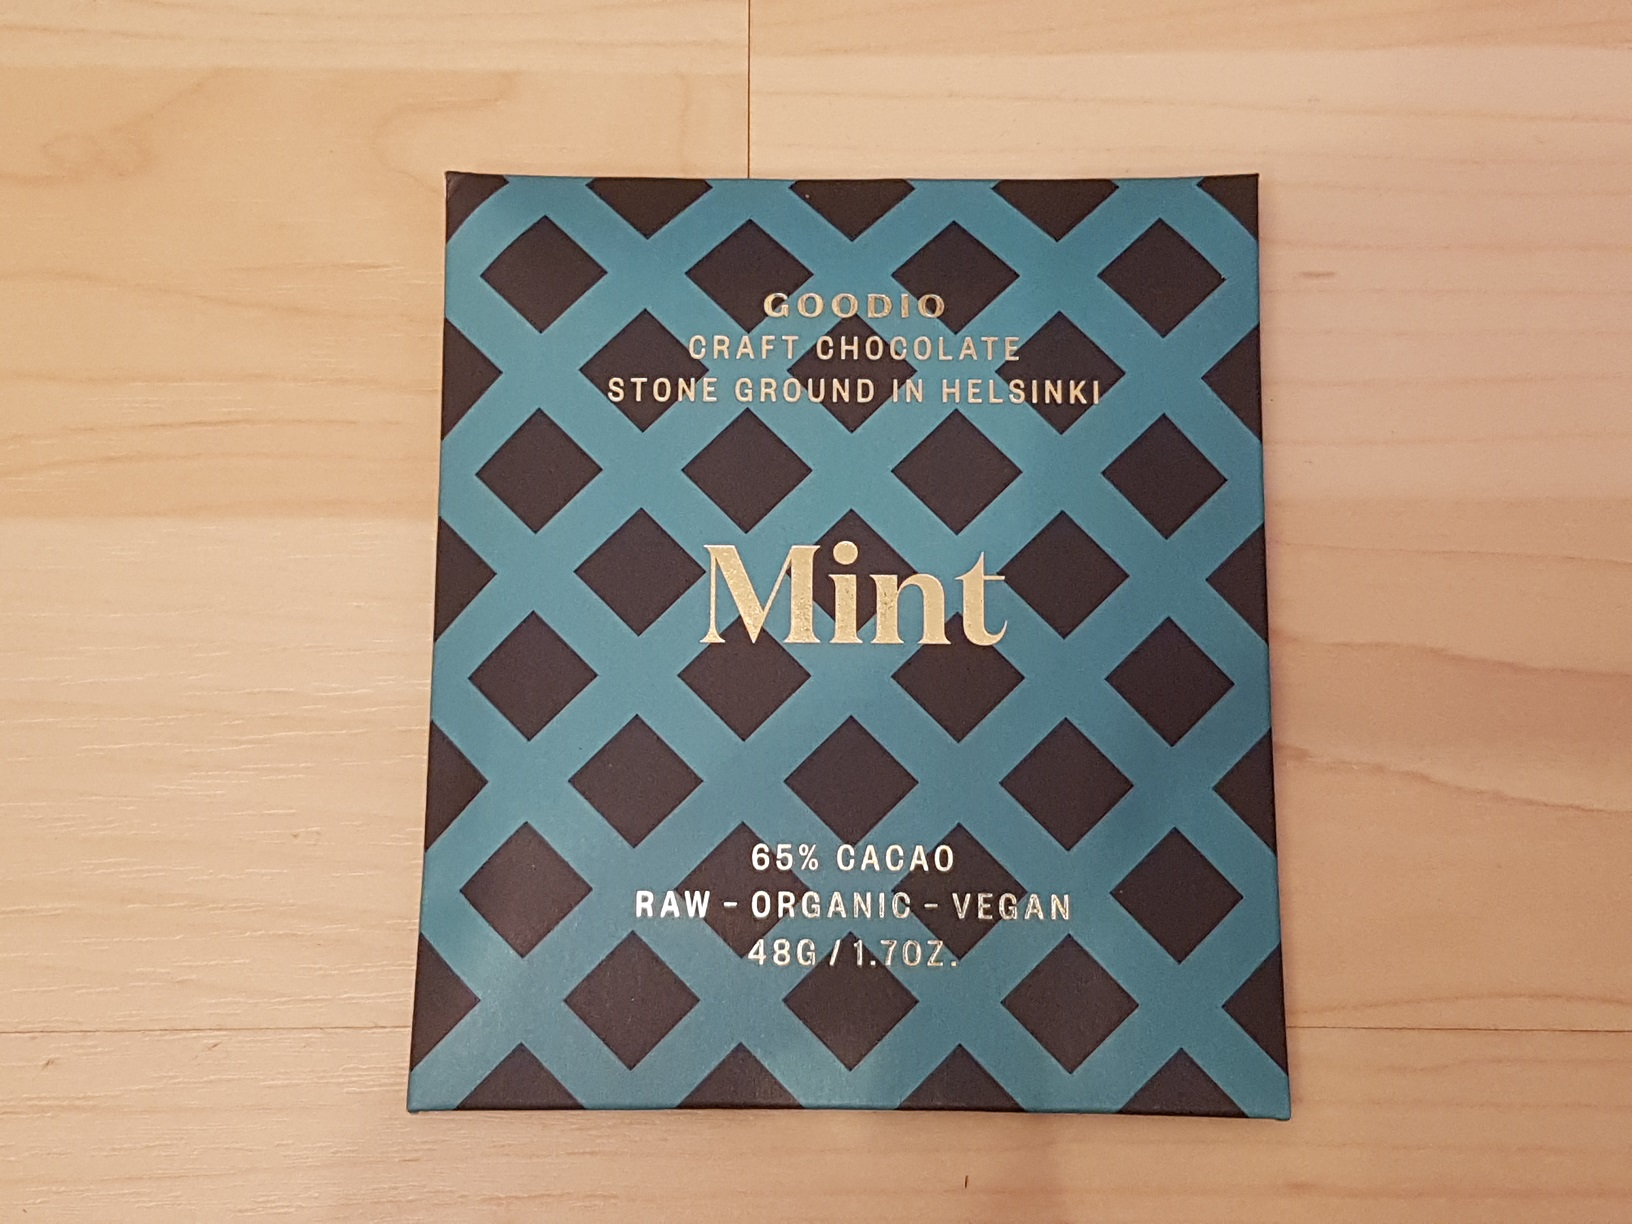 Finnische Goodio Schokolade Mint